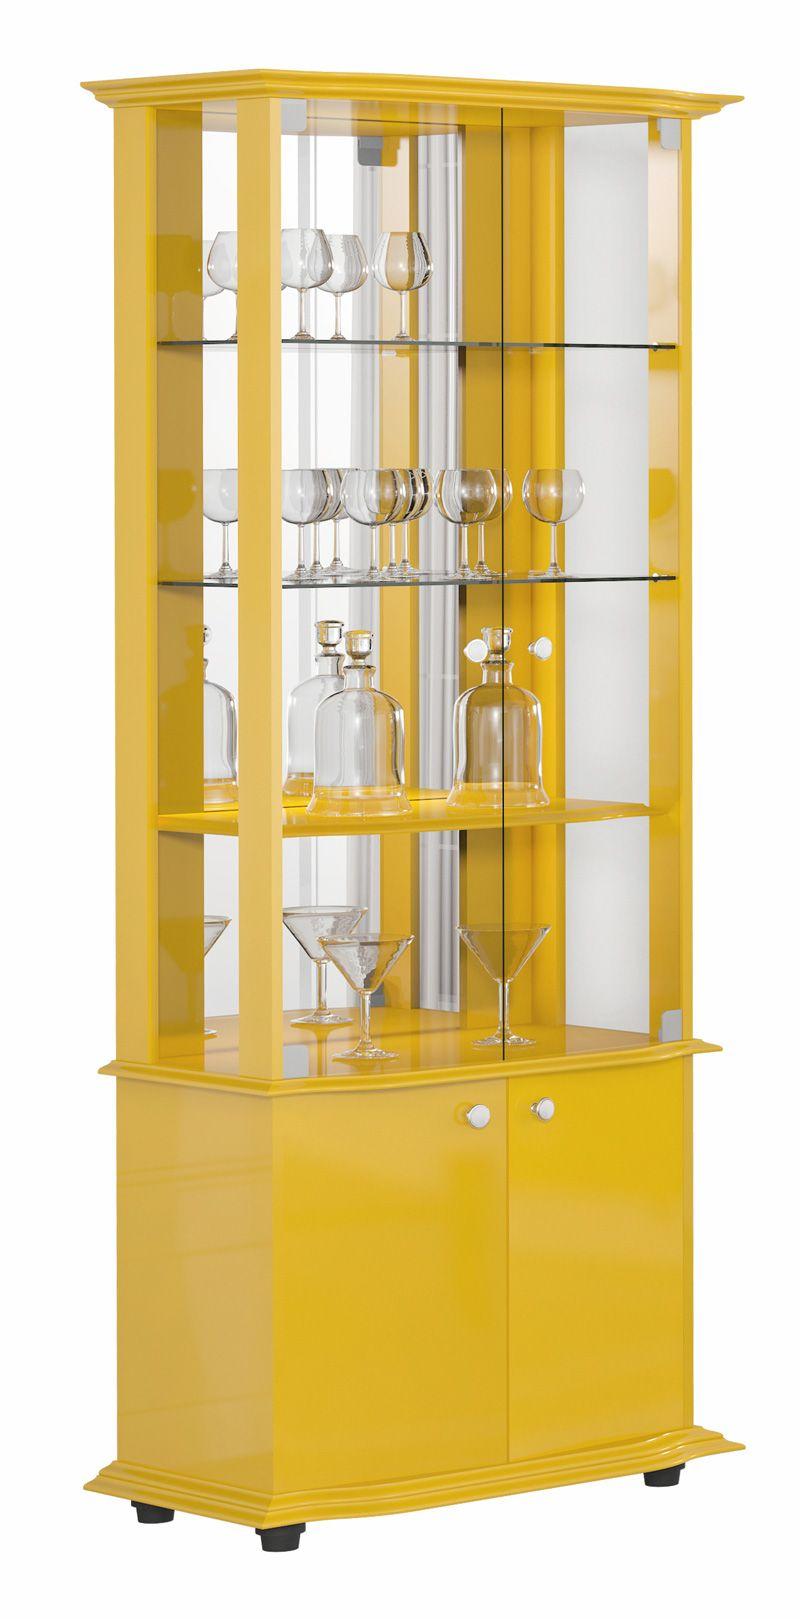 Cristaleira Monalisa Imcal Amarelo